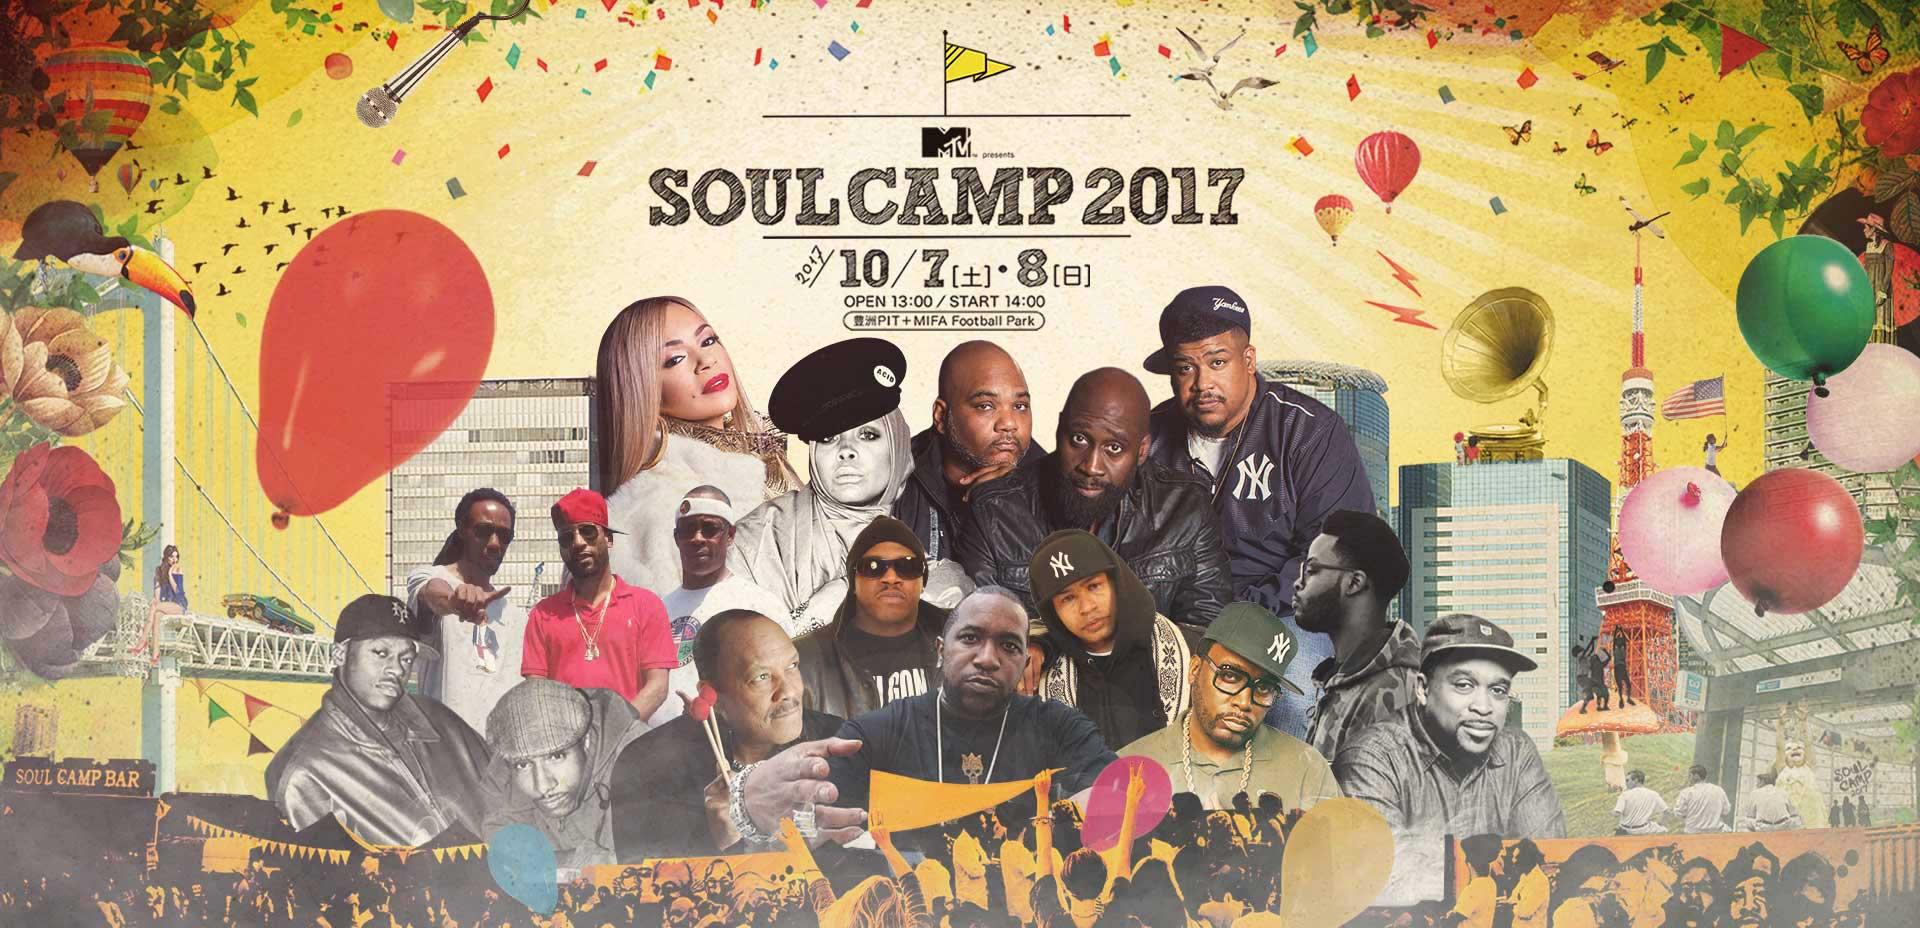 SOUL CAMP 2017